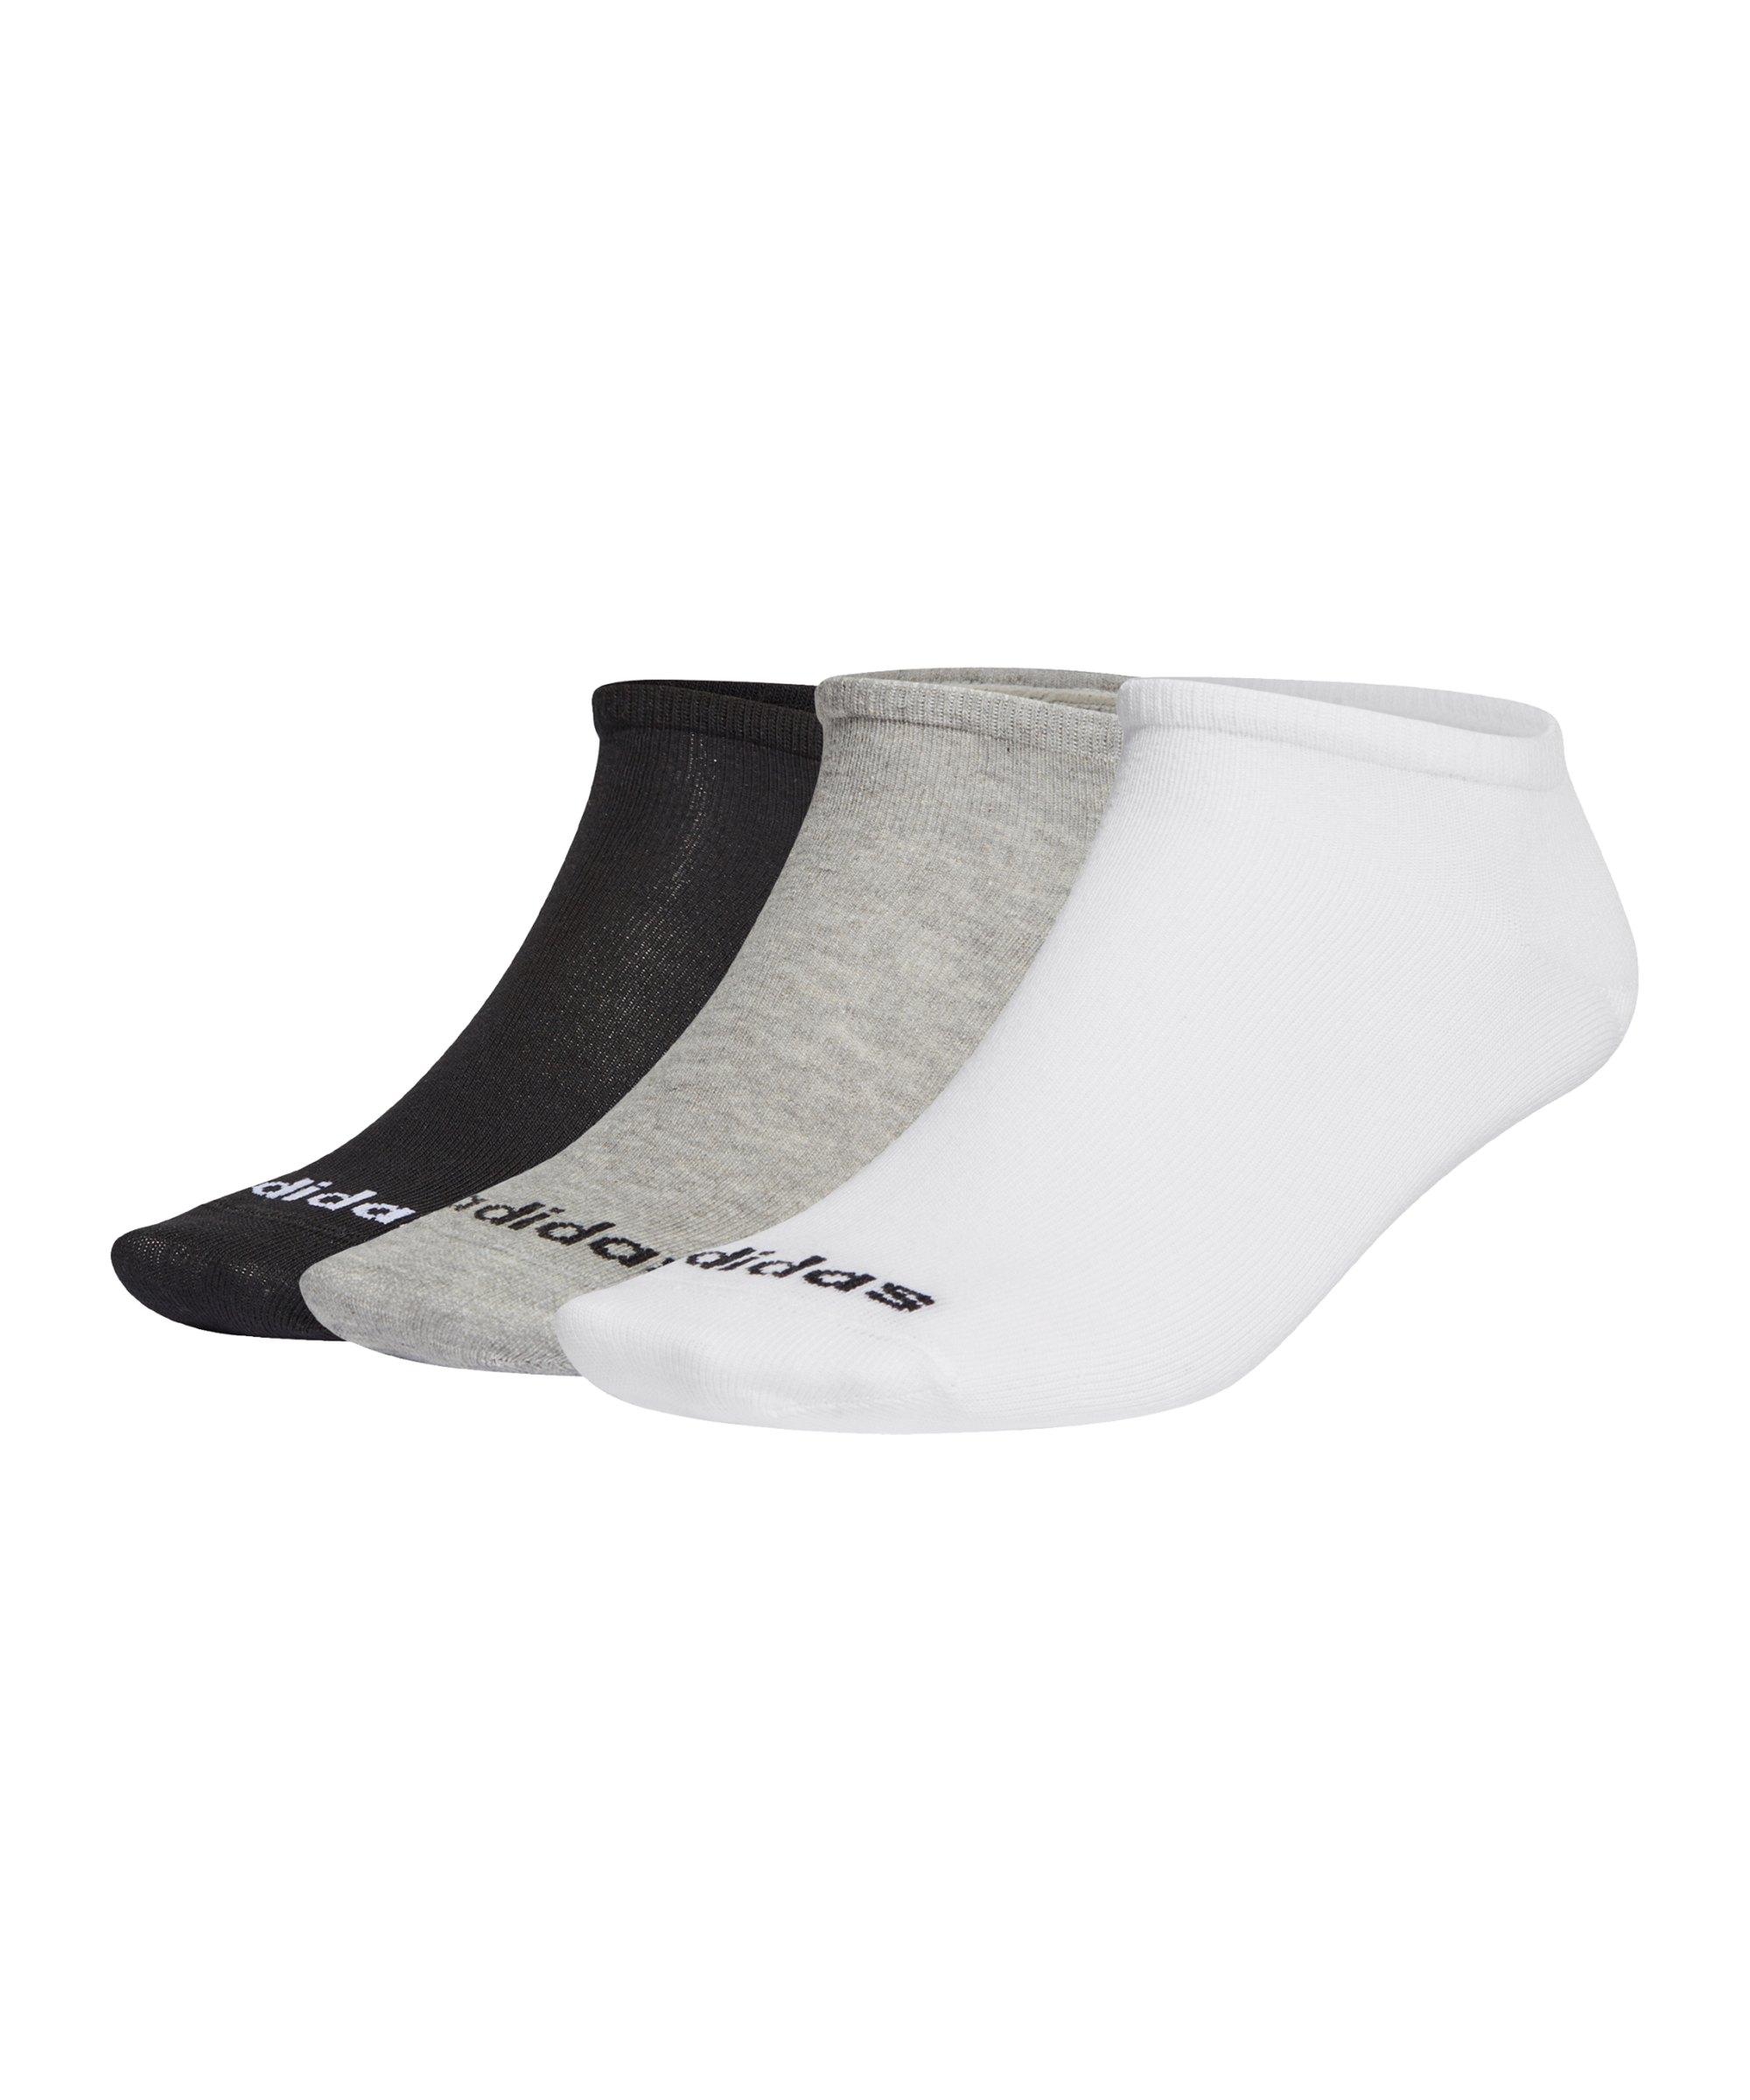 adidas Füsslinge 3er Pack Grau Weiss Schwarz - schwarz